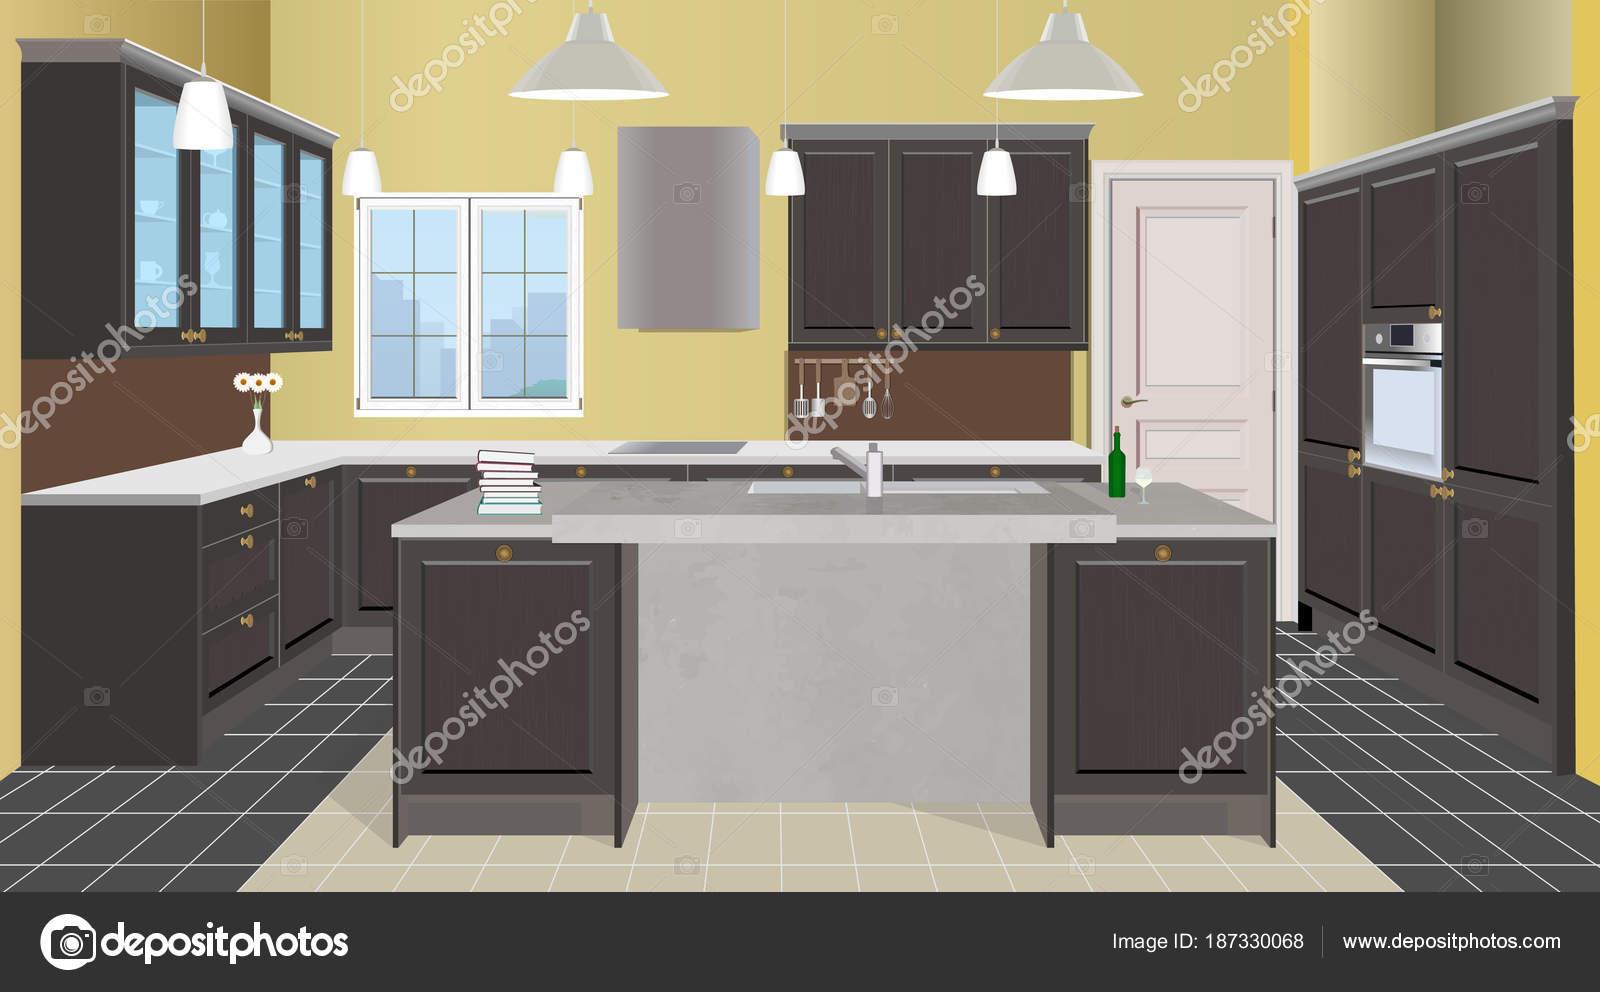 Bown Fundo Interior De Cozinha Com M Veis Projeto De Cozinha